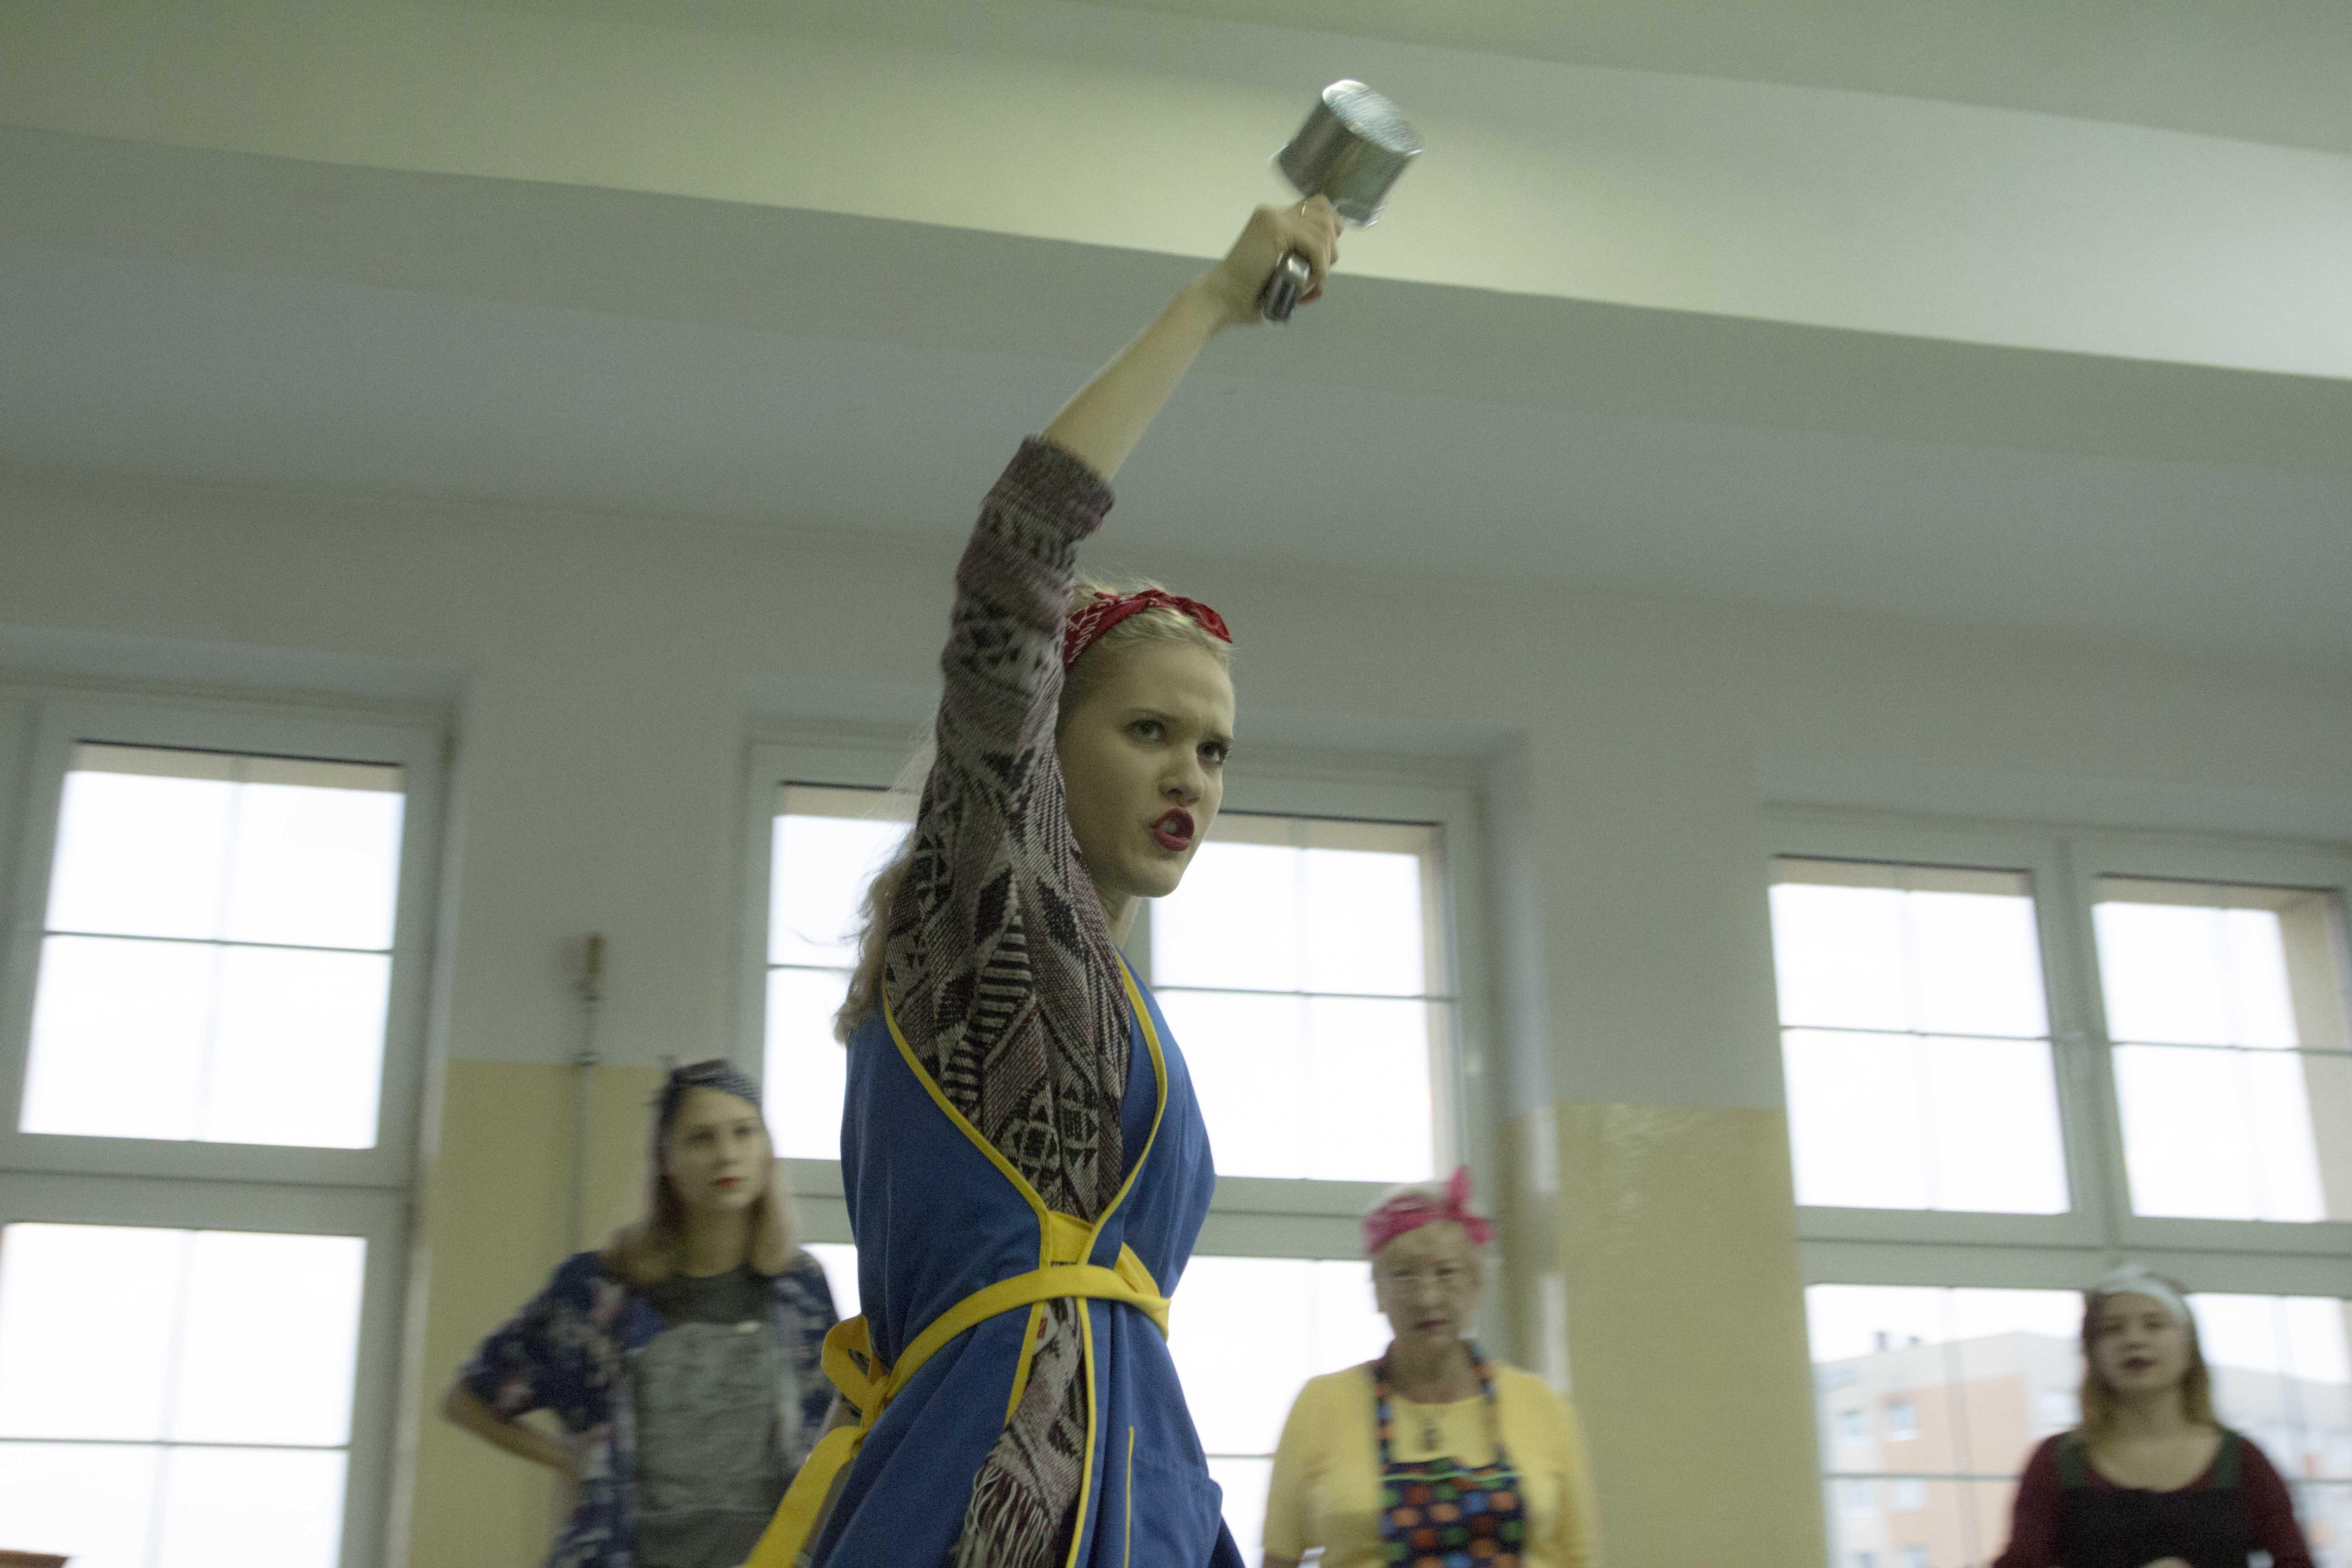 zdjęcie z projektu Dzwięczące wieżowce. Aktorka z niebieskim fatuchu z uniesiona wysoko ręką z jakimś urządzeniem kuchennym